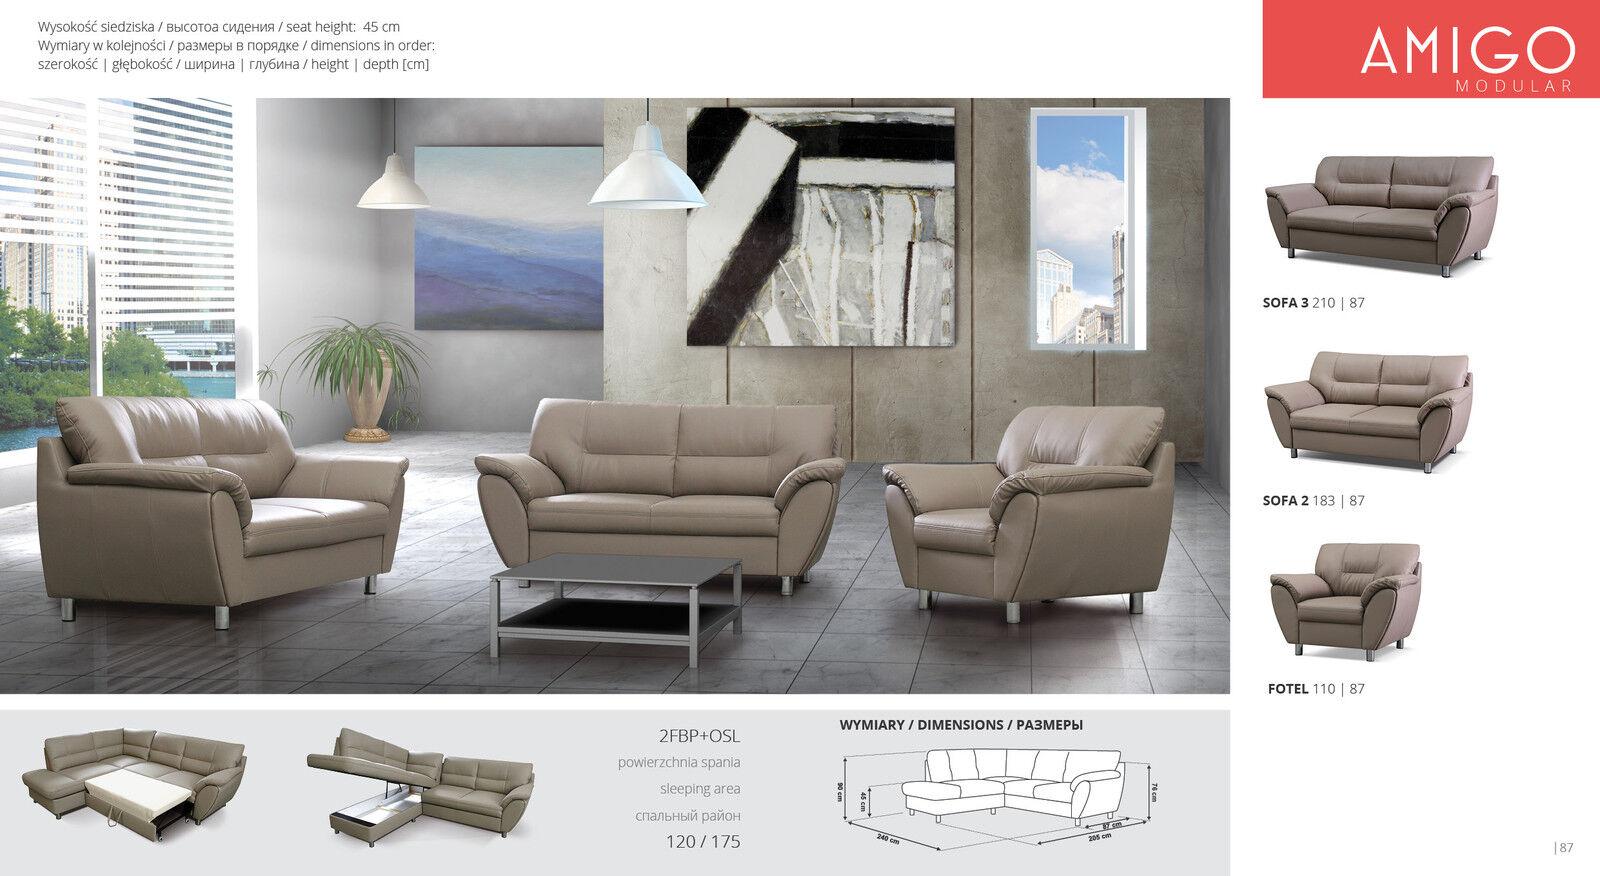 Sofa Couchgarnitur Couch Amigo 321 Set Polsterecke Wohnlandschaft